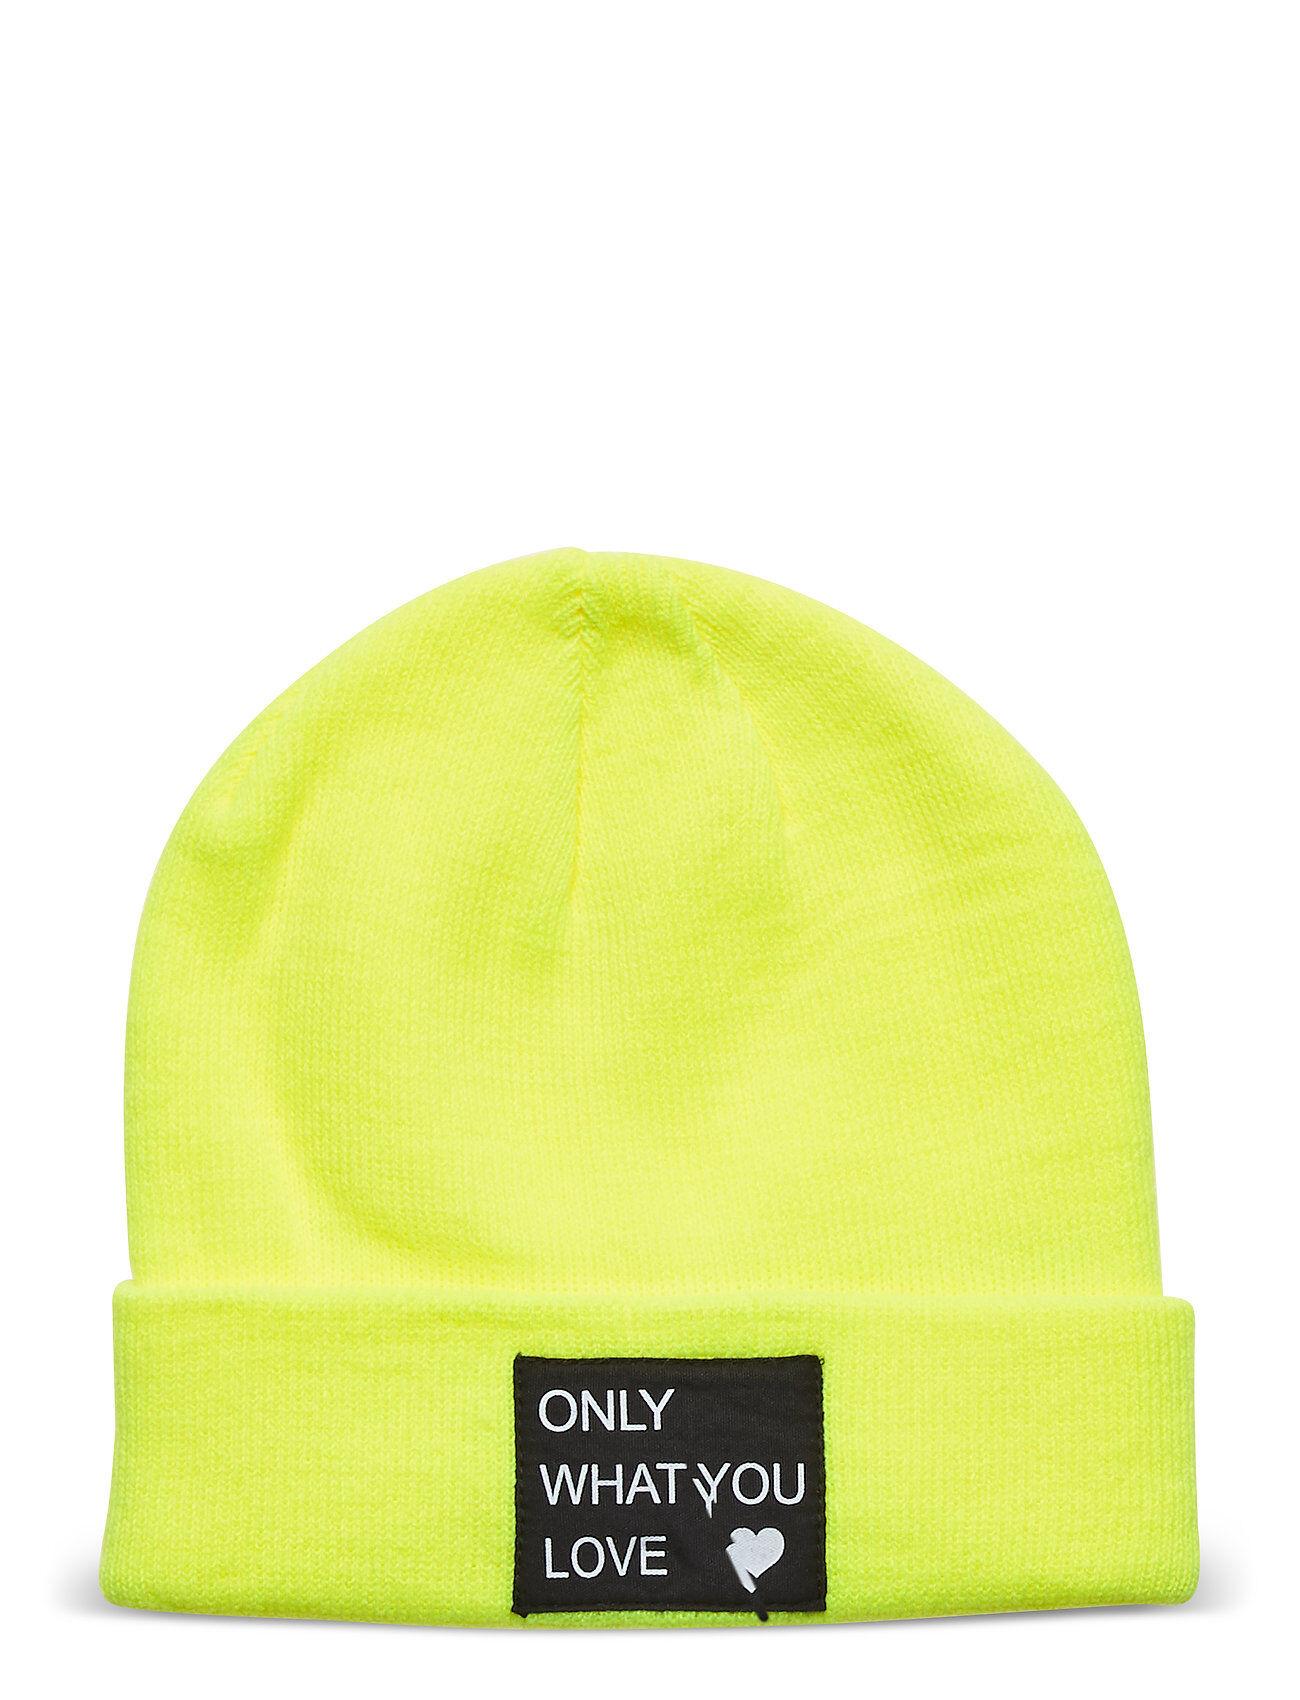 Kids Only Konmadison Logo Beanie Accessories Headwear Hats Keltainen Kids Only